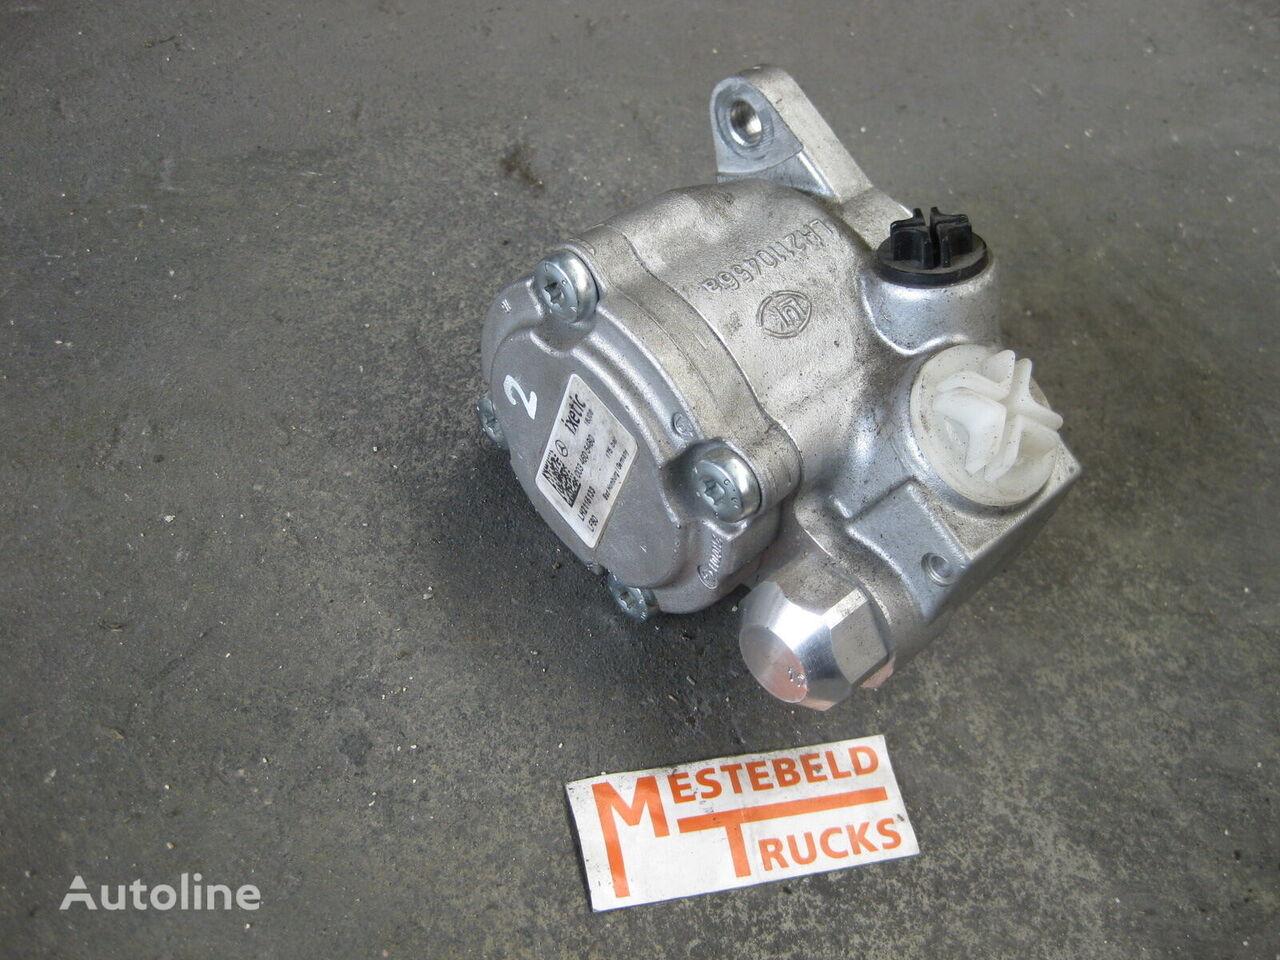 MERCEDES-BENZ power steering pump for MERCEDES-BENZ Axor truck